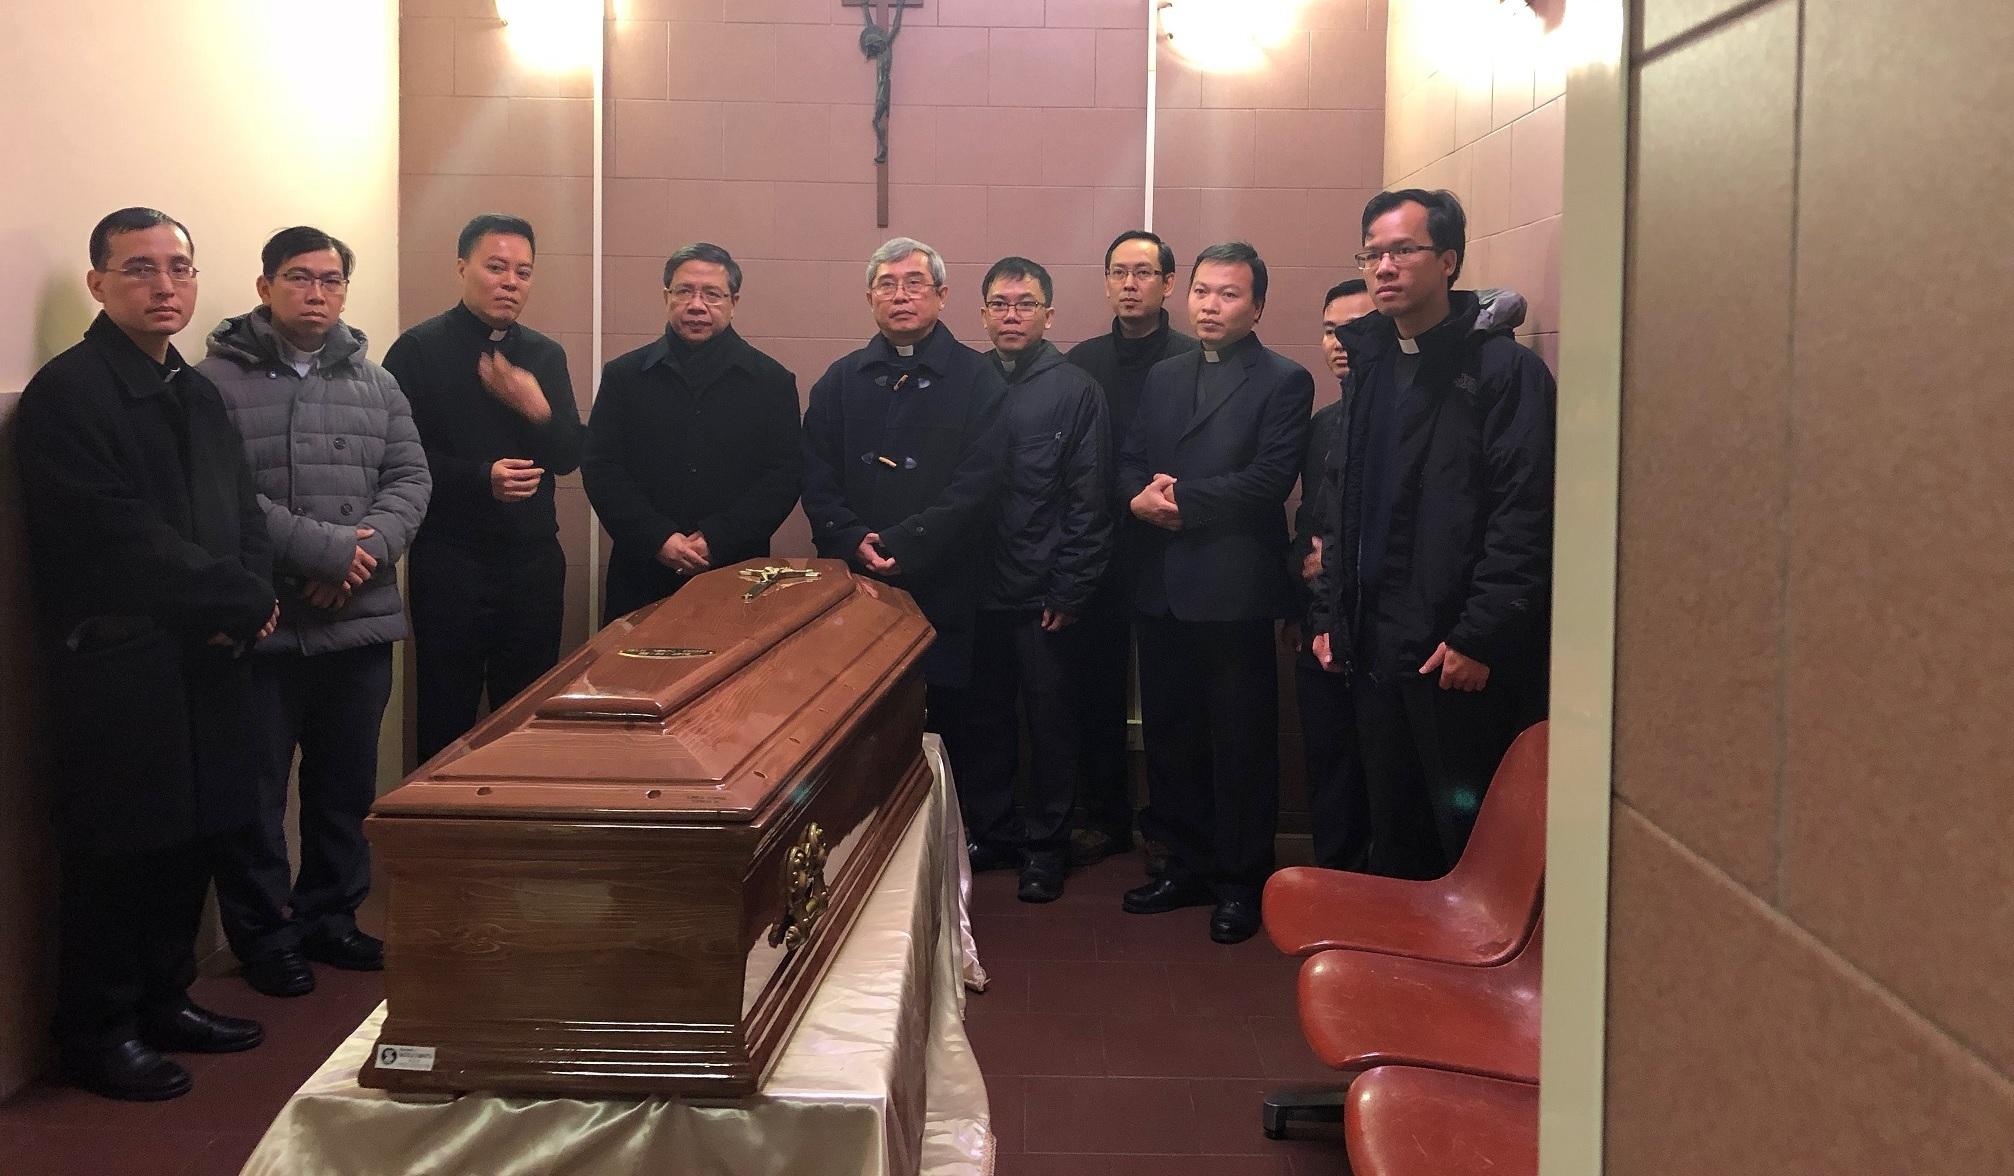 Thông báo: Linh cữu Đức Tổng về Sài Gòn vào tối thứ Năm 15/03/2018